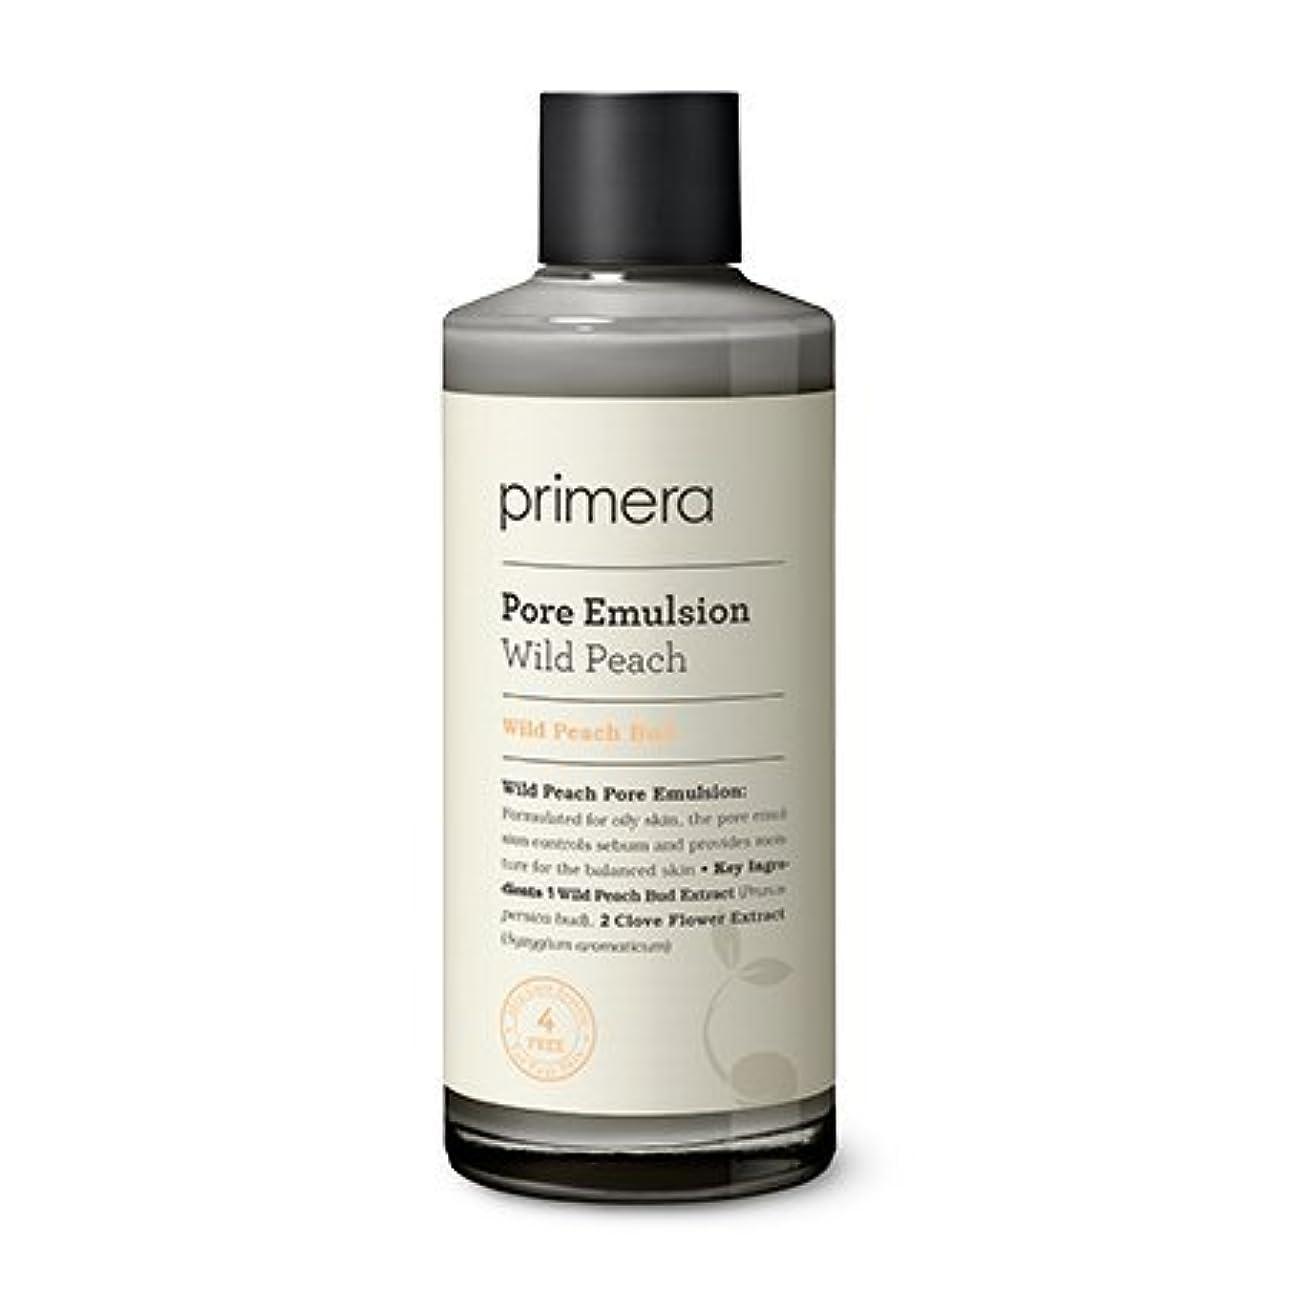 偽善ストラップ裏切る【Primera】Wild Peach Pore Emulsion - 150ml (韓国直送品) (SHOPPINGINSTAGRAM)